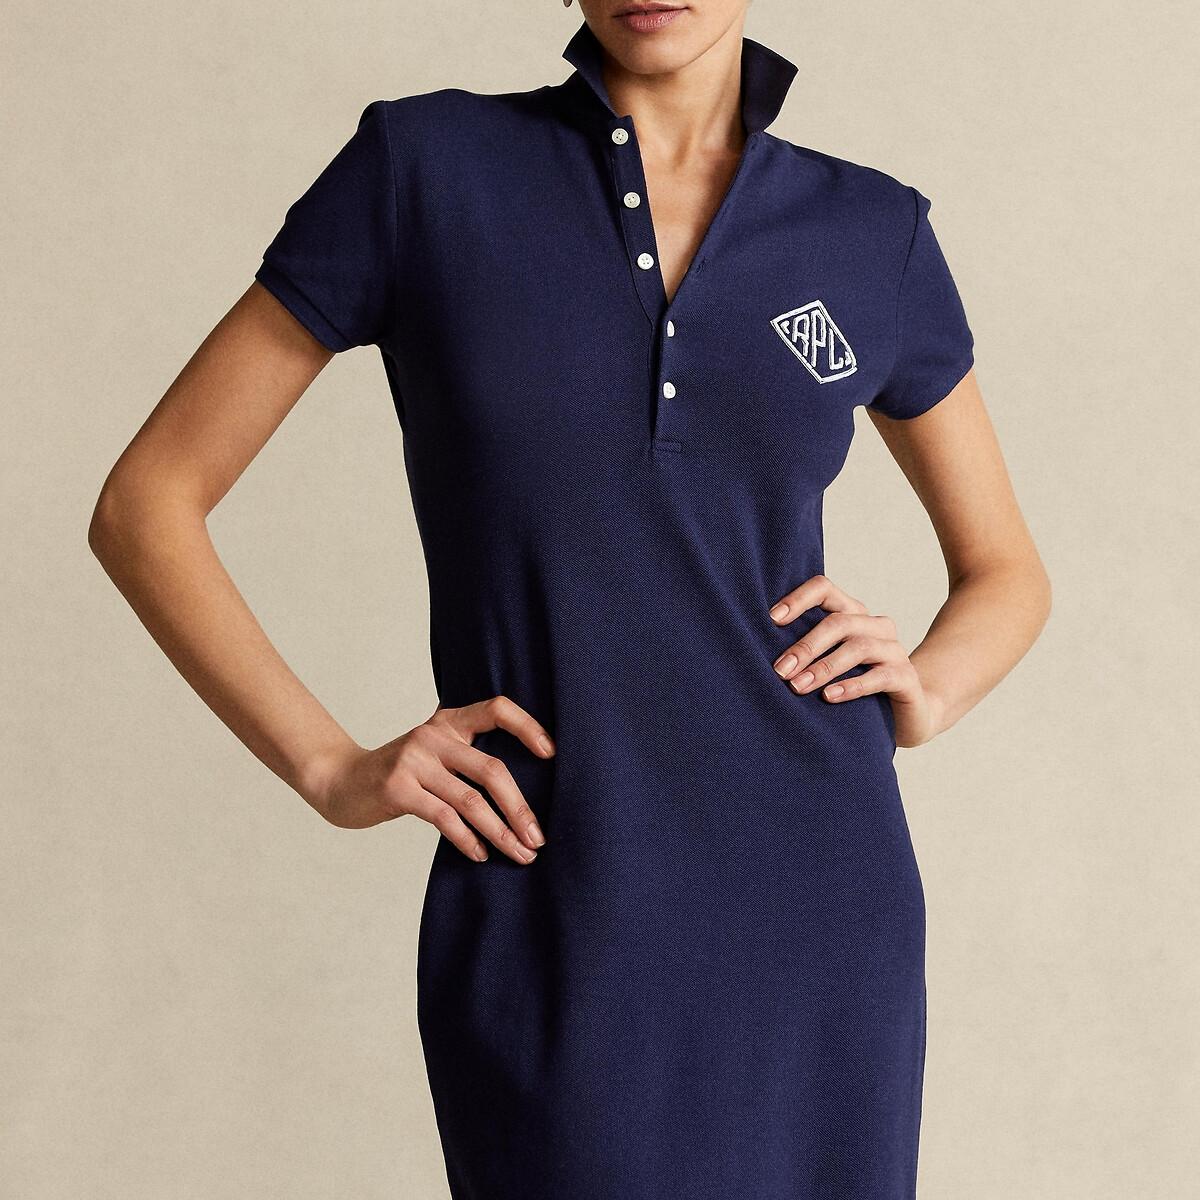 Платье LaRedoute Длинное прямое с короткими рукавами L синий